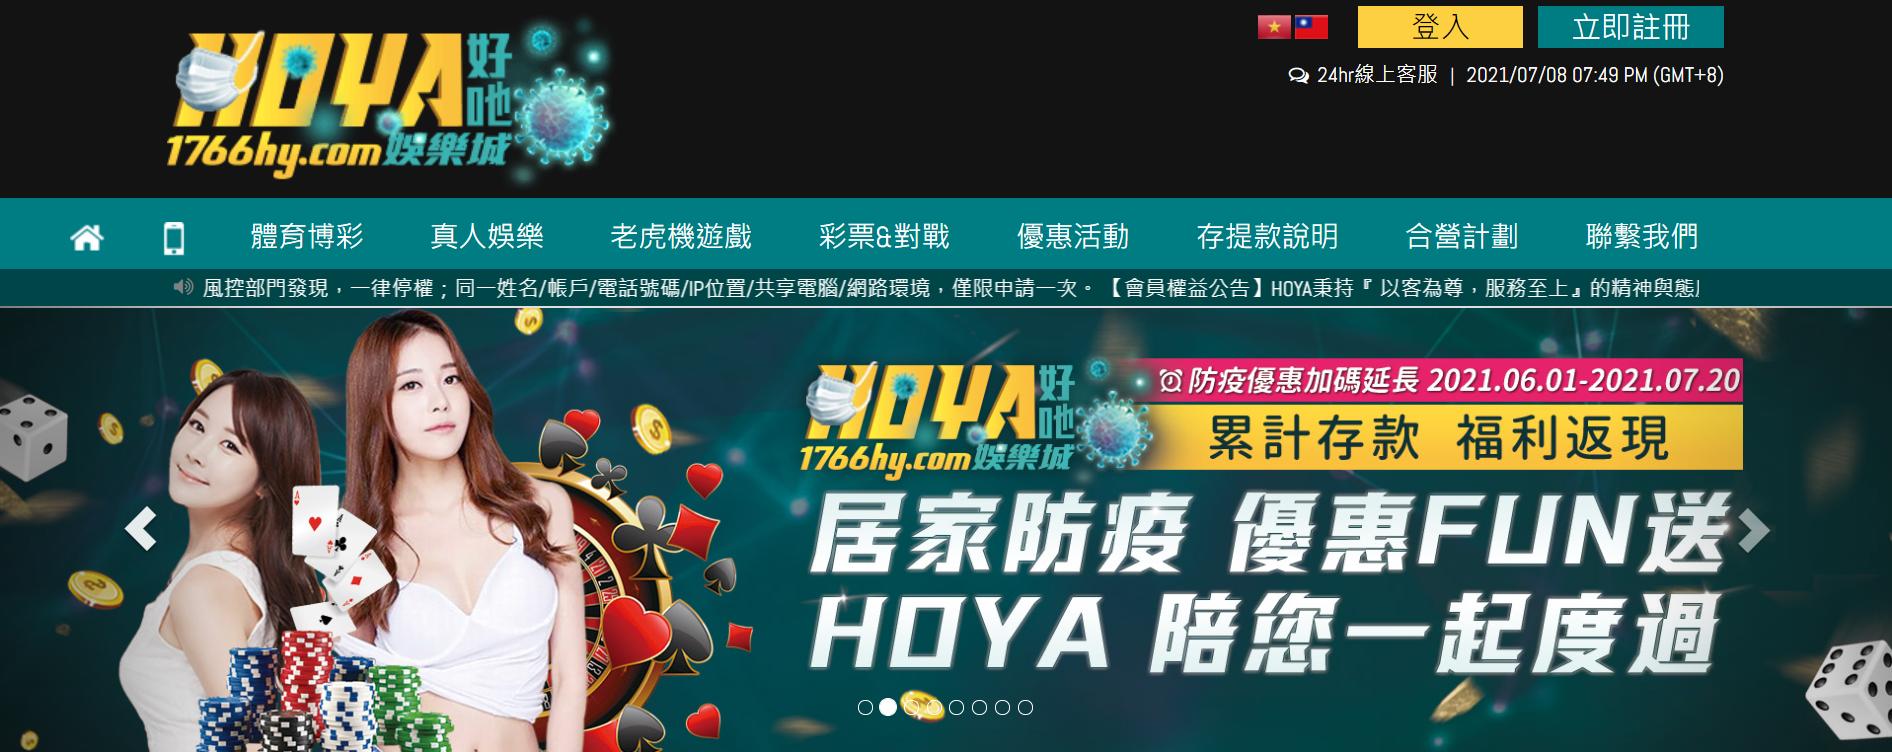 線上賭場手機遊戲推薦|好吔娛樂城線上博弈平台